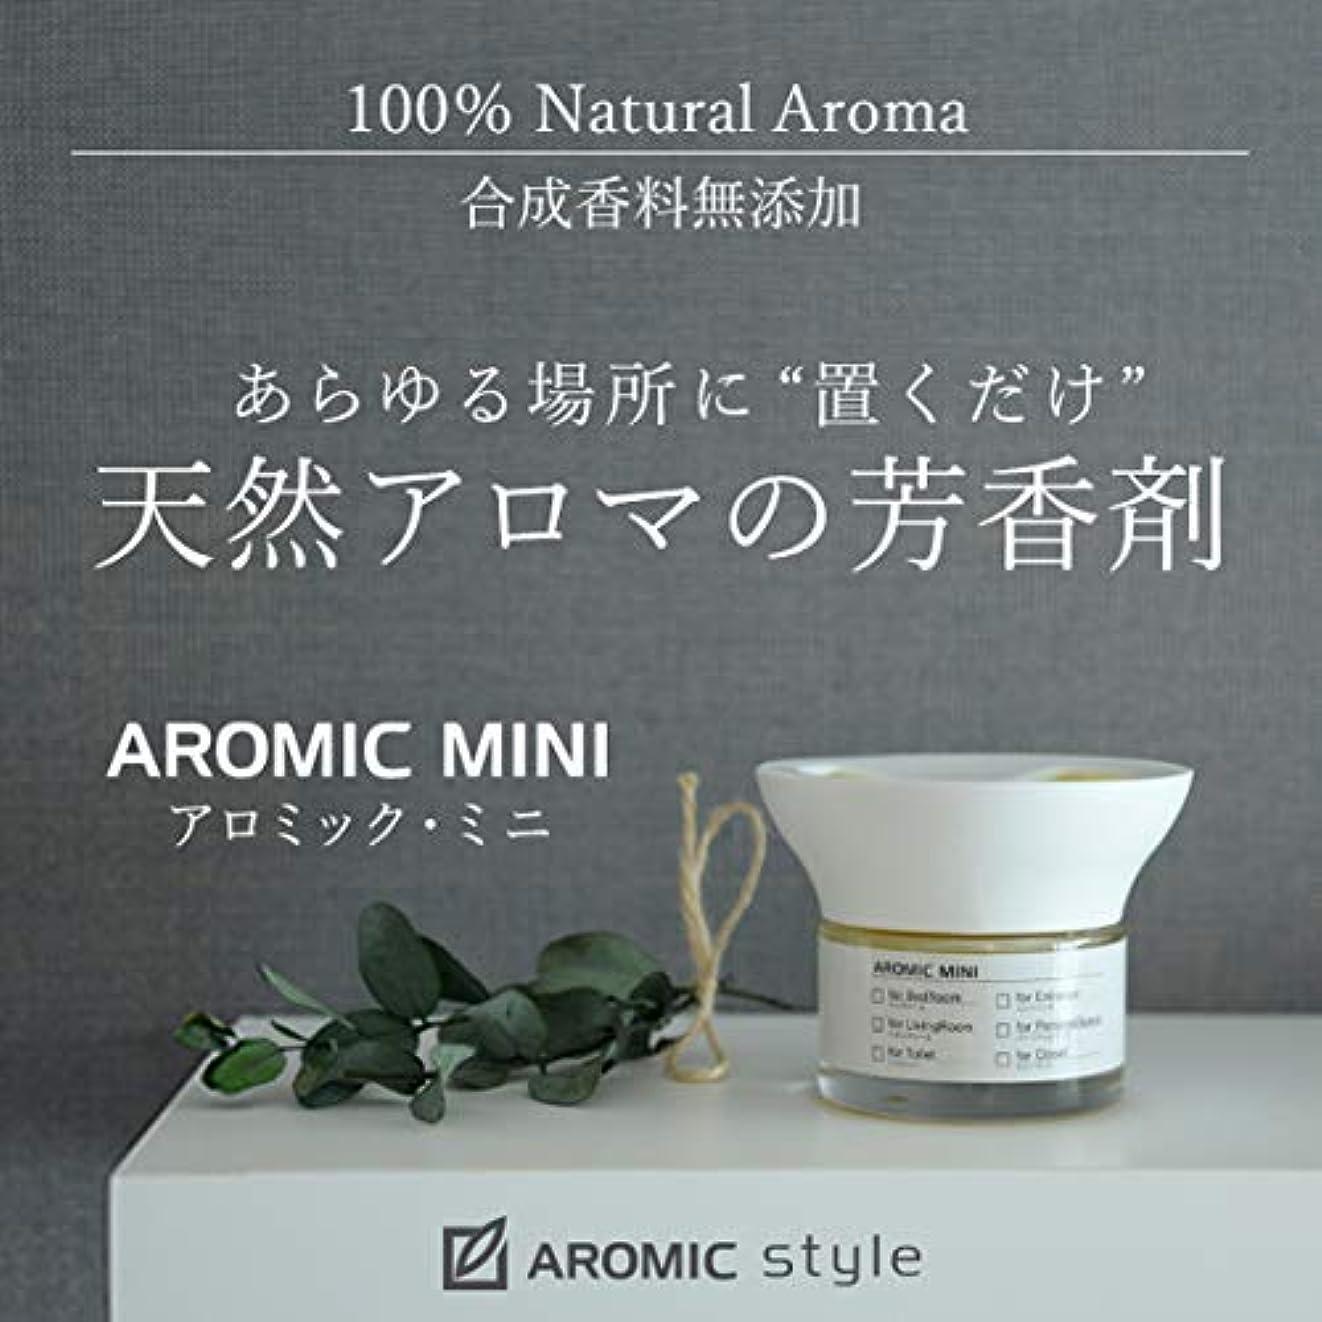 内向き高架玉ねぎAROMIC style アロマディフューザー アロミックミニ【for LivingRoom】